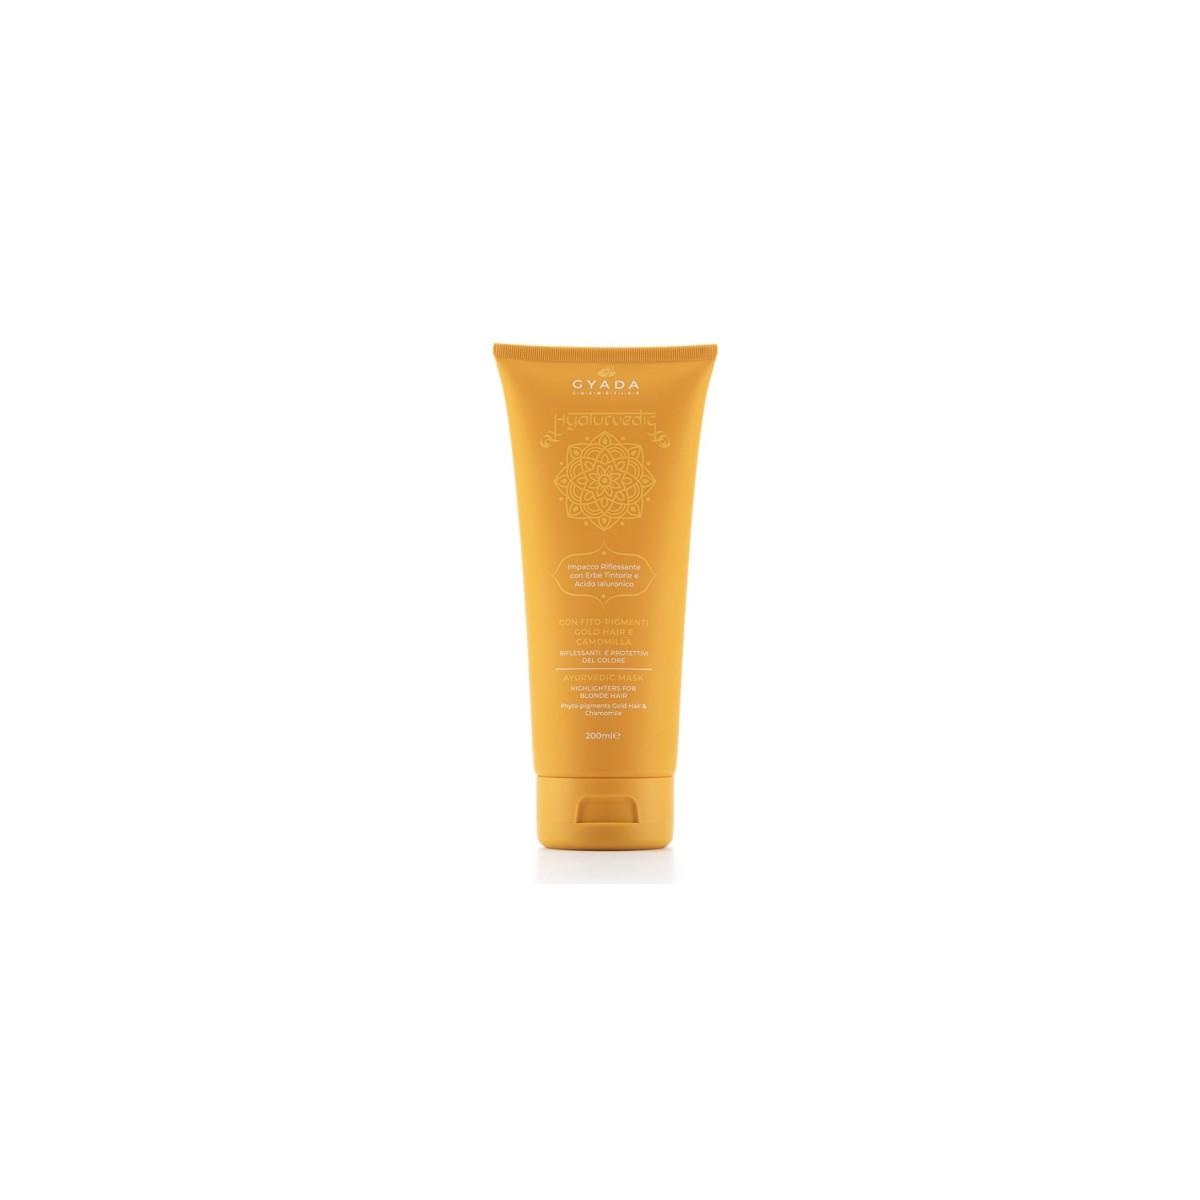 Hyalurvedic Gold Hair Colour Shine Hair Treatment